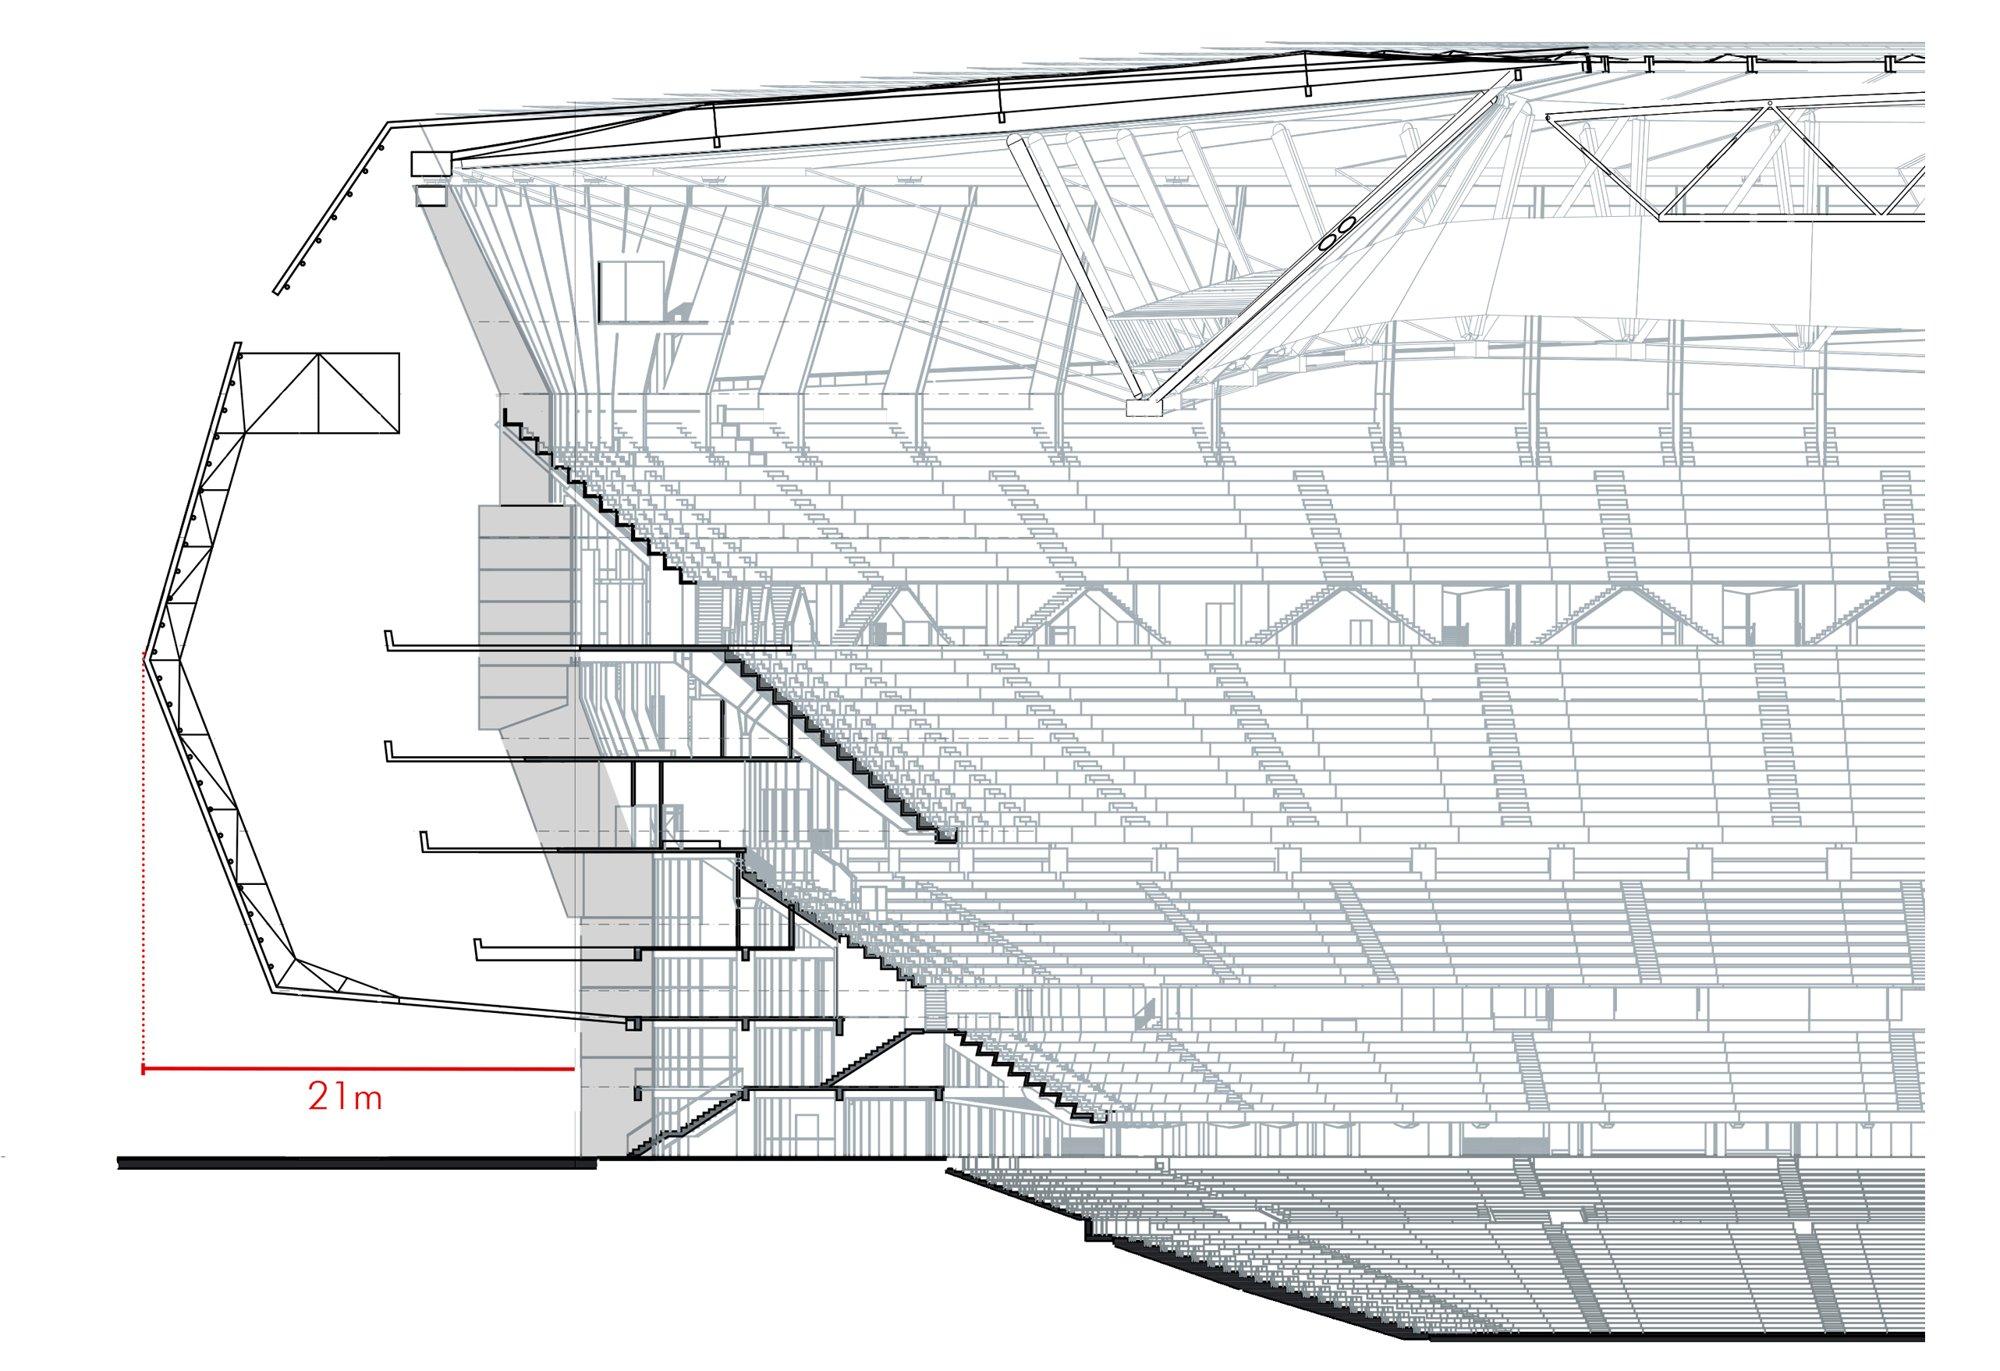 Design estadio santiago bernabu stadiumdb description estadio santiago bernabu malvernweather Images